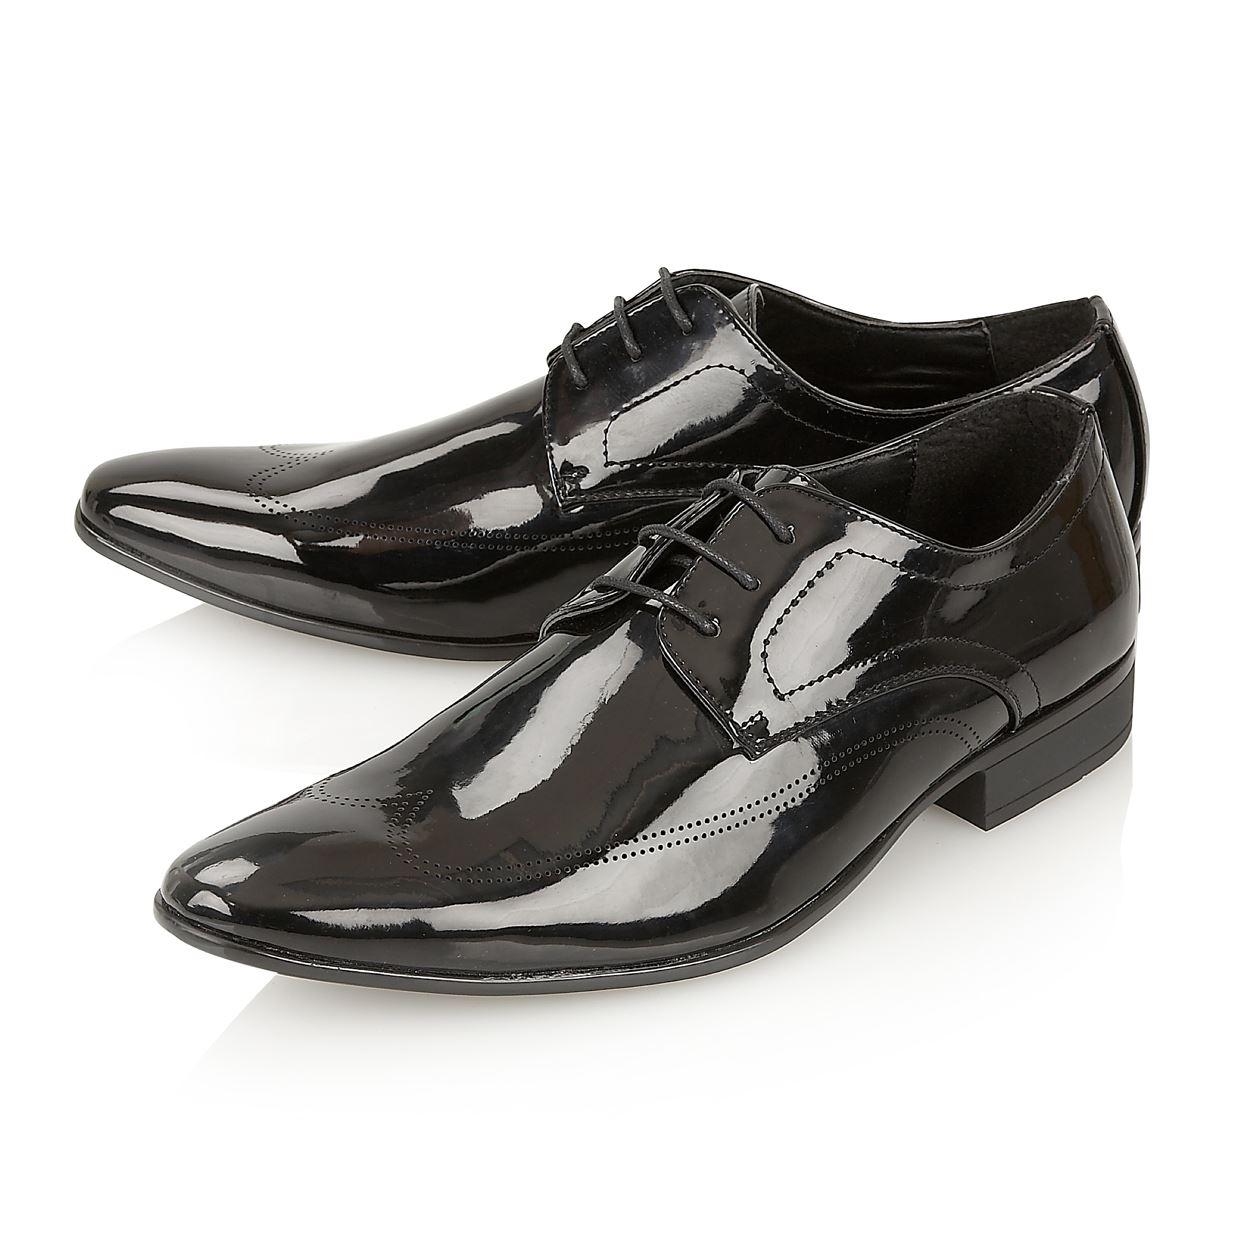 Monti Albani - Chaussures À Lacets Noir Pour Les Hommes Noirs baQk2wTms